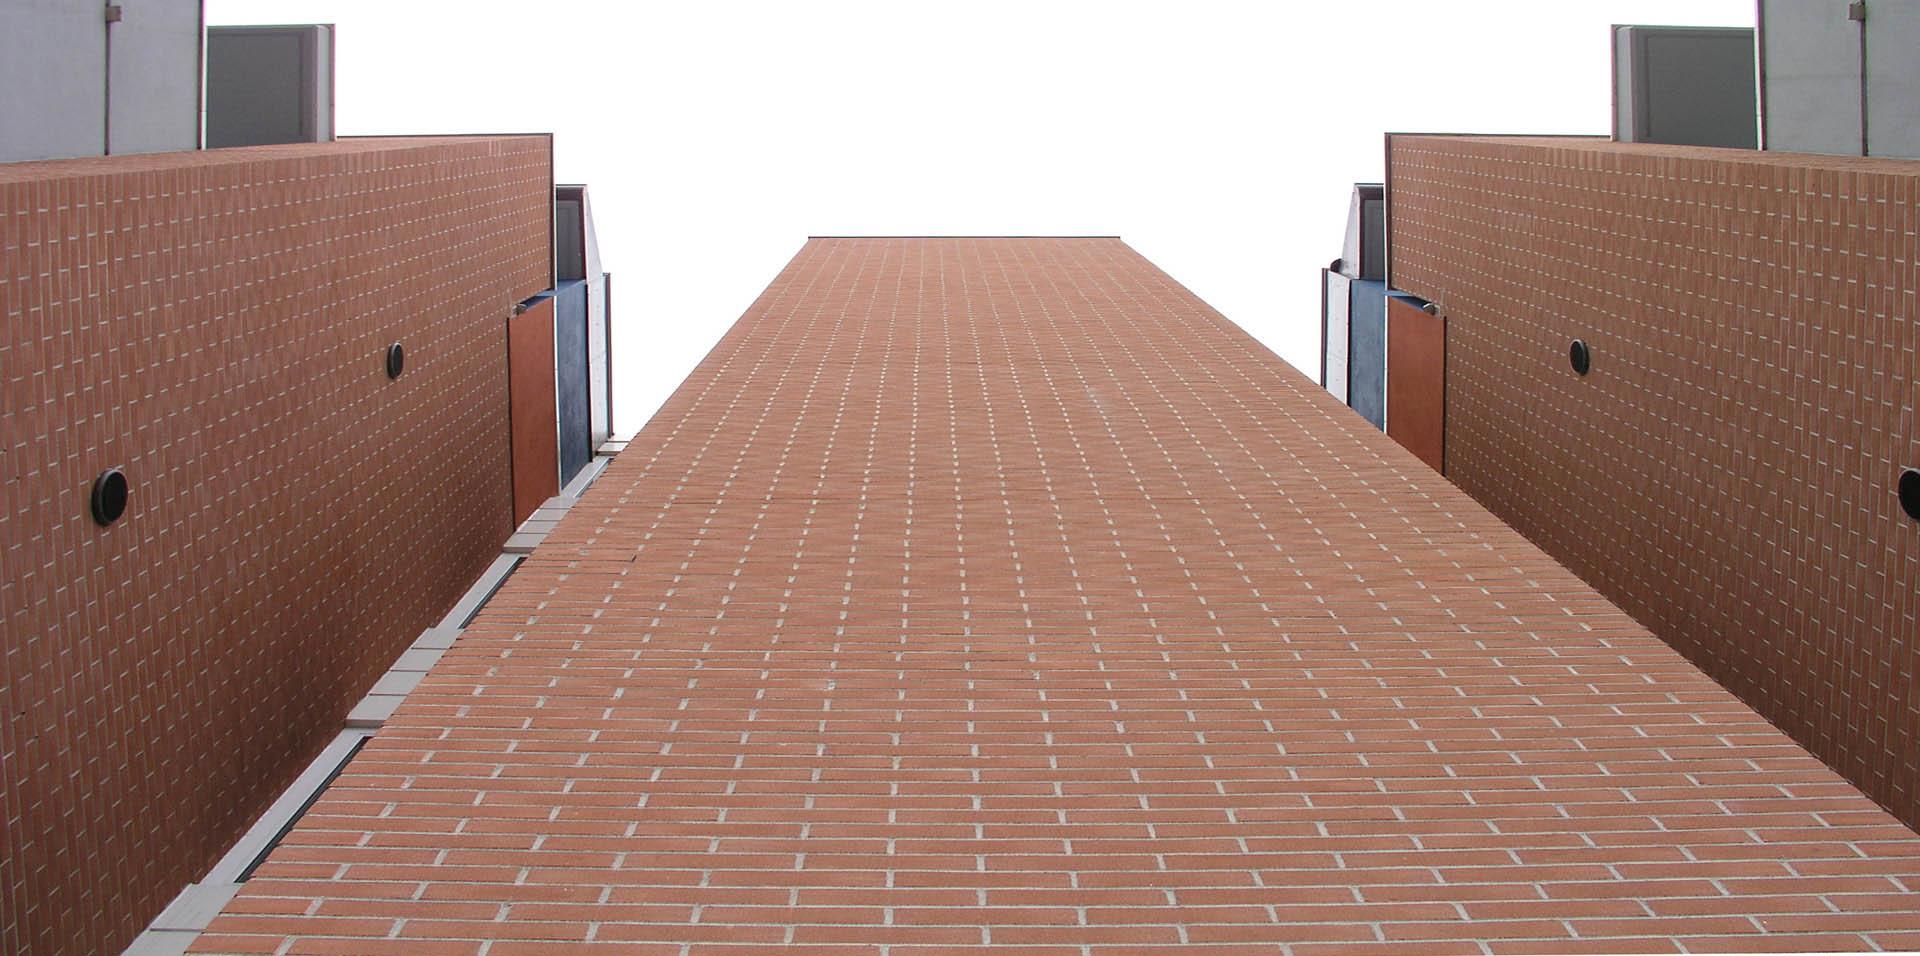 03 Studio Bacchi architetti associati Bartoletti Gramsci img 03